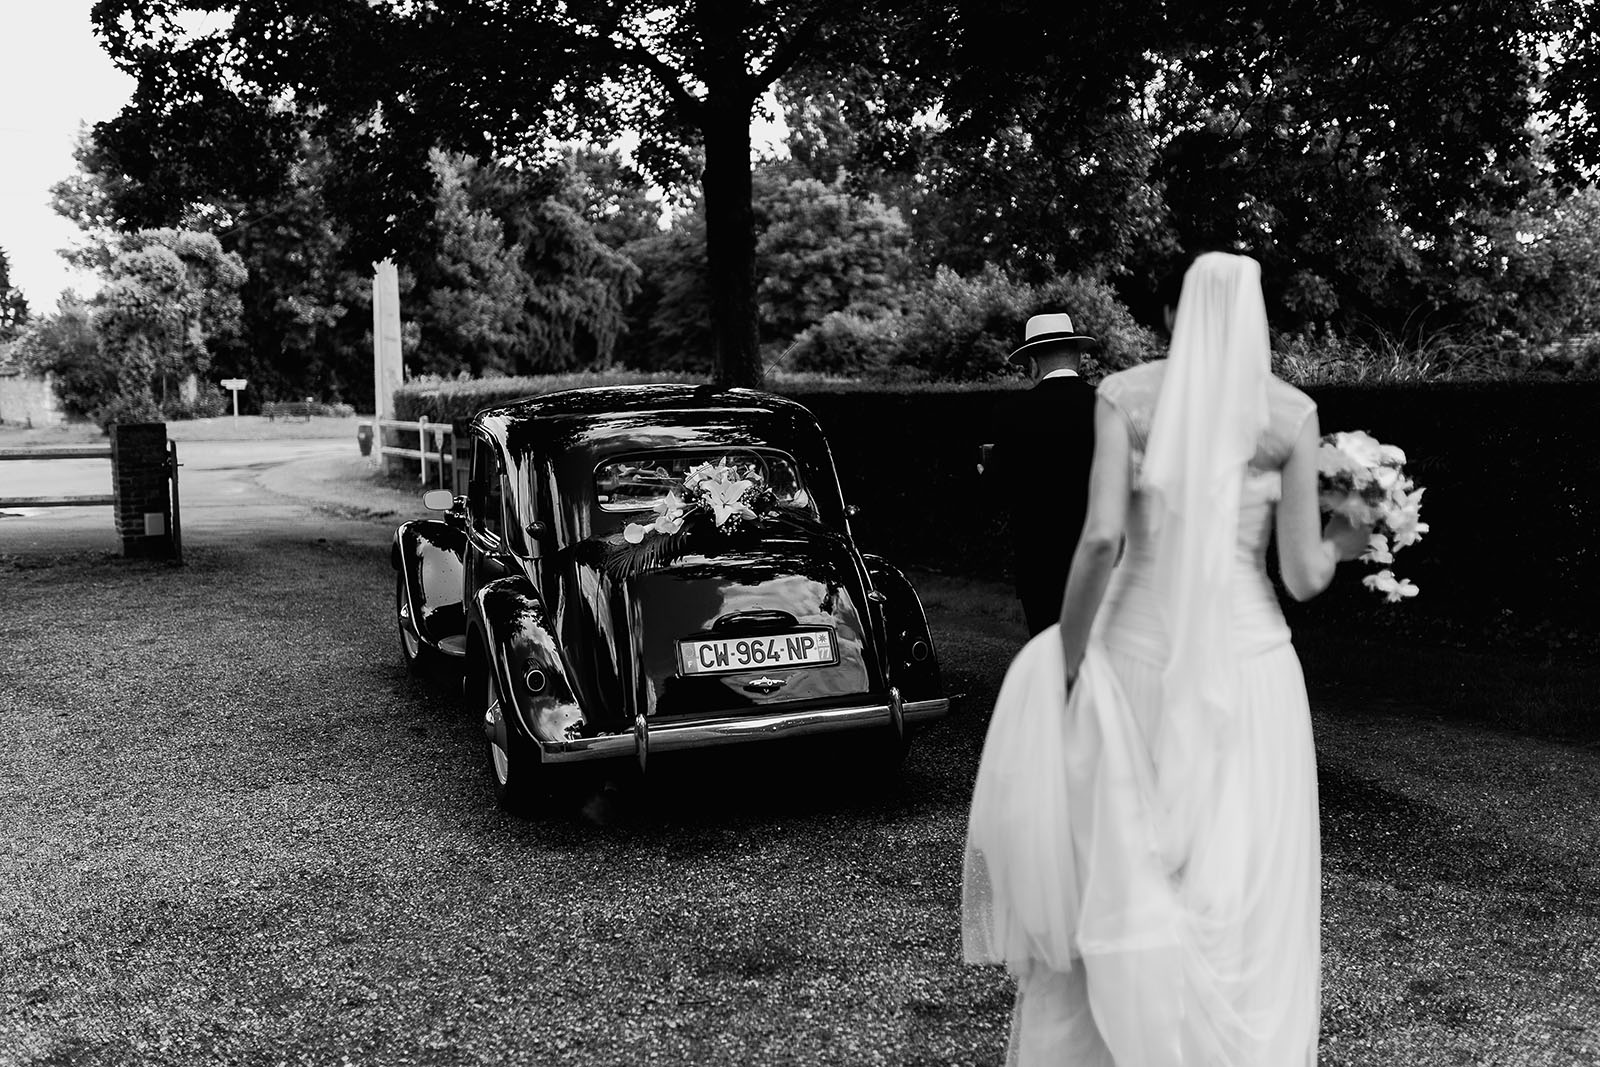 Mariage au Manoir de Corny en Normandie. La mariée rejoint sa voiture traction